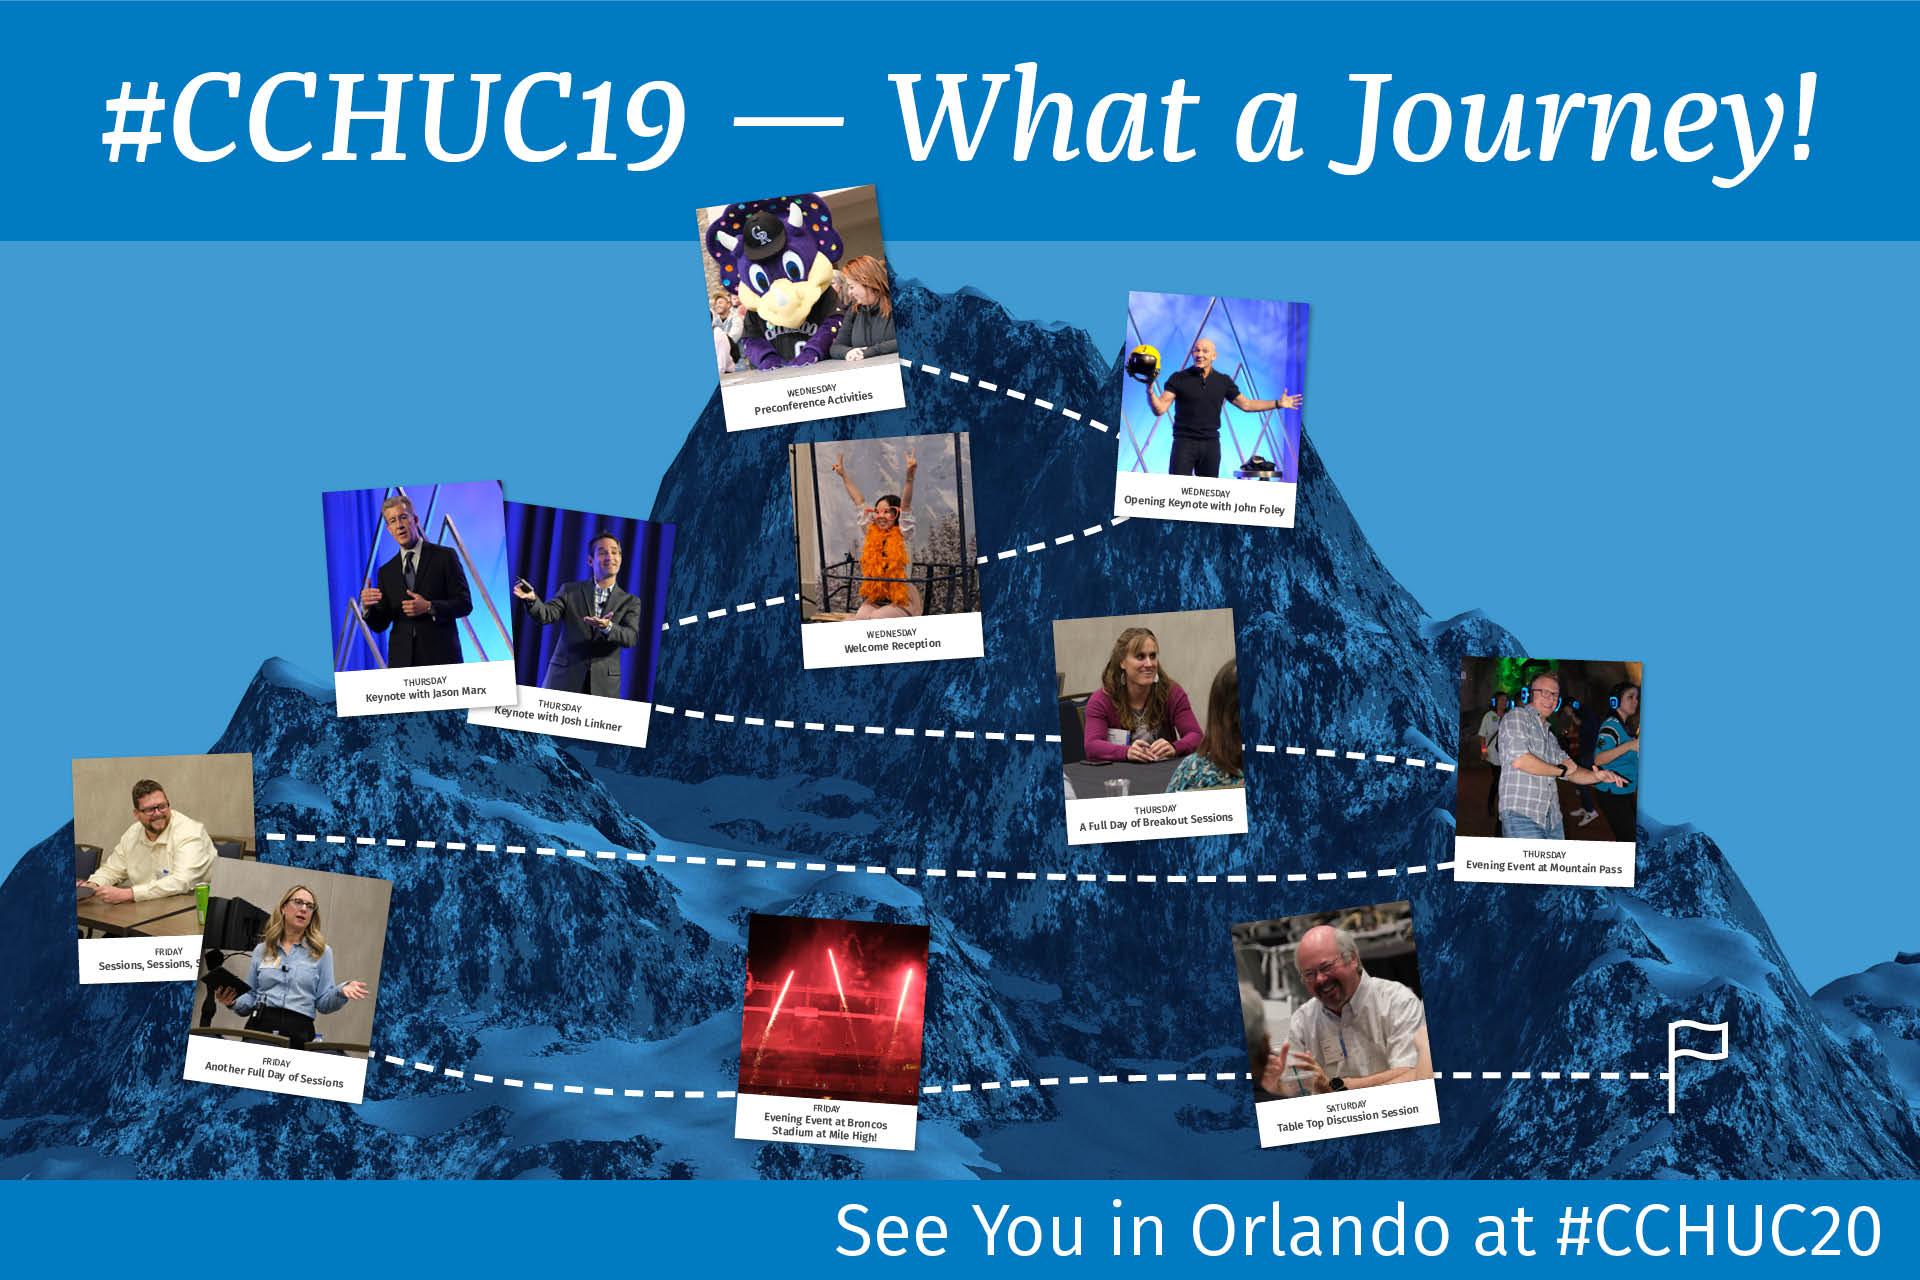 #CCHUC19 - Whatt A Journey!